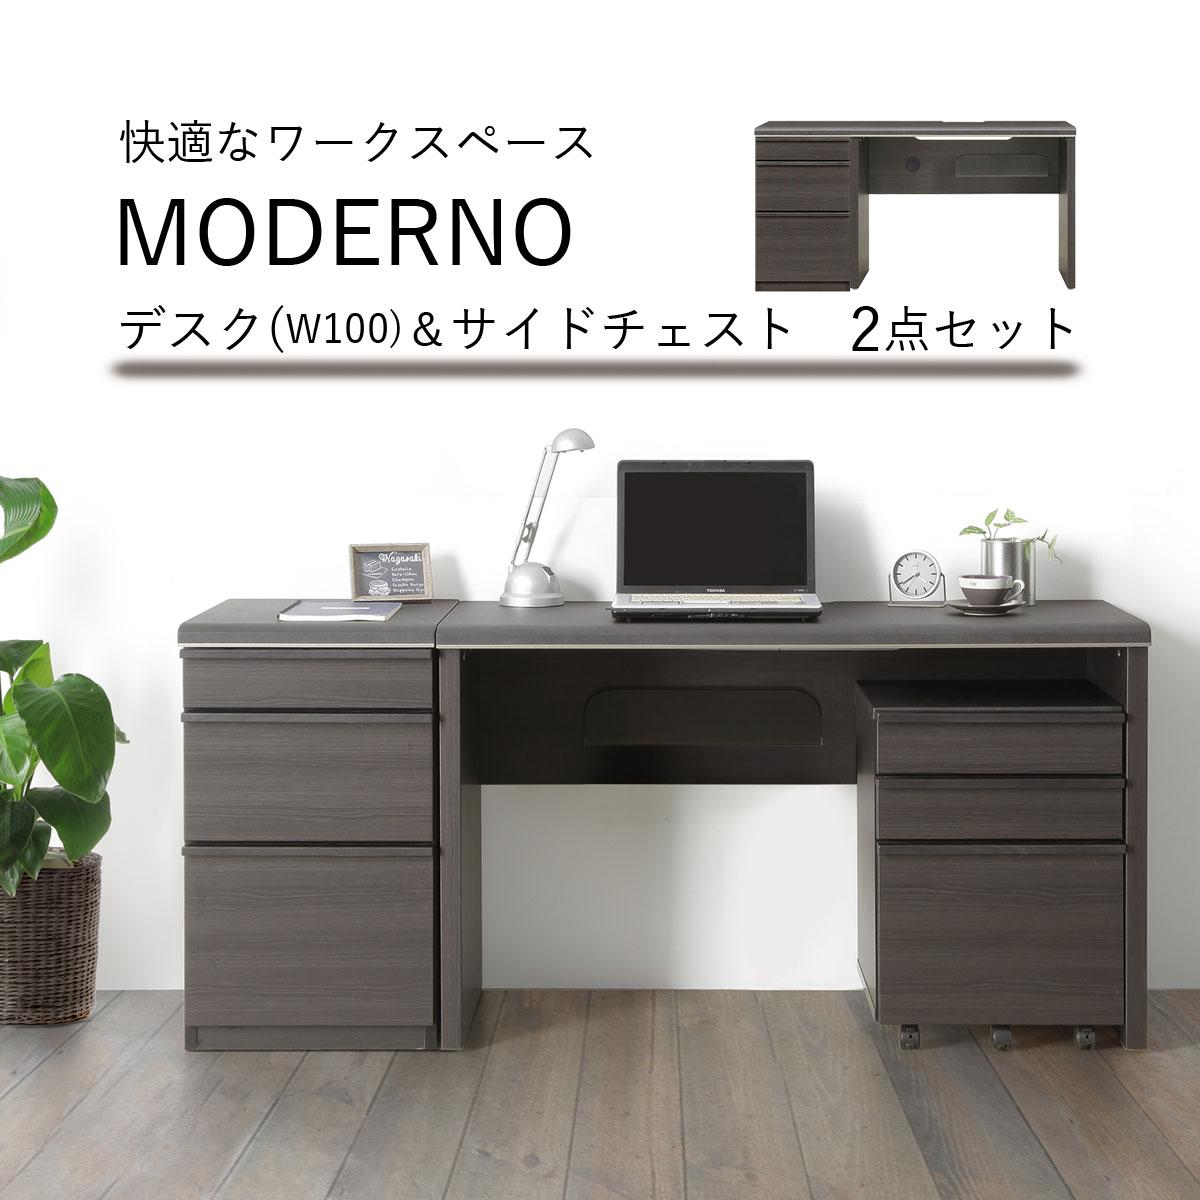 セラミック風デスク幅100cmとサイドチェストの2点セット デスク 祝日 日本最大級の品揃え 幅100cm サイドチェスト 2点セット 机 収納 モデルノ 在宅 テレワーク セラミック柄 ワーキング MODERNO ワークスペース